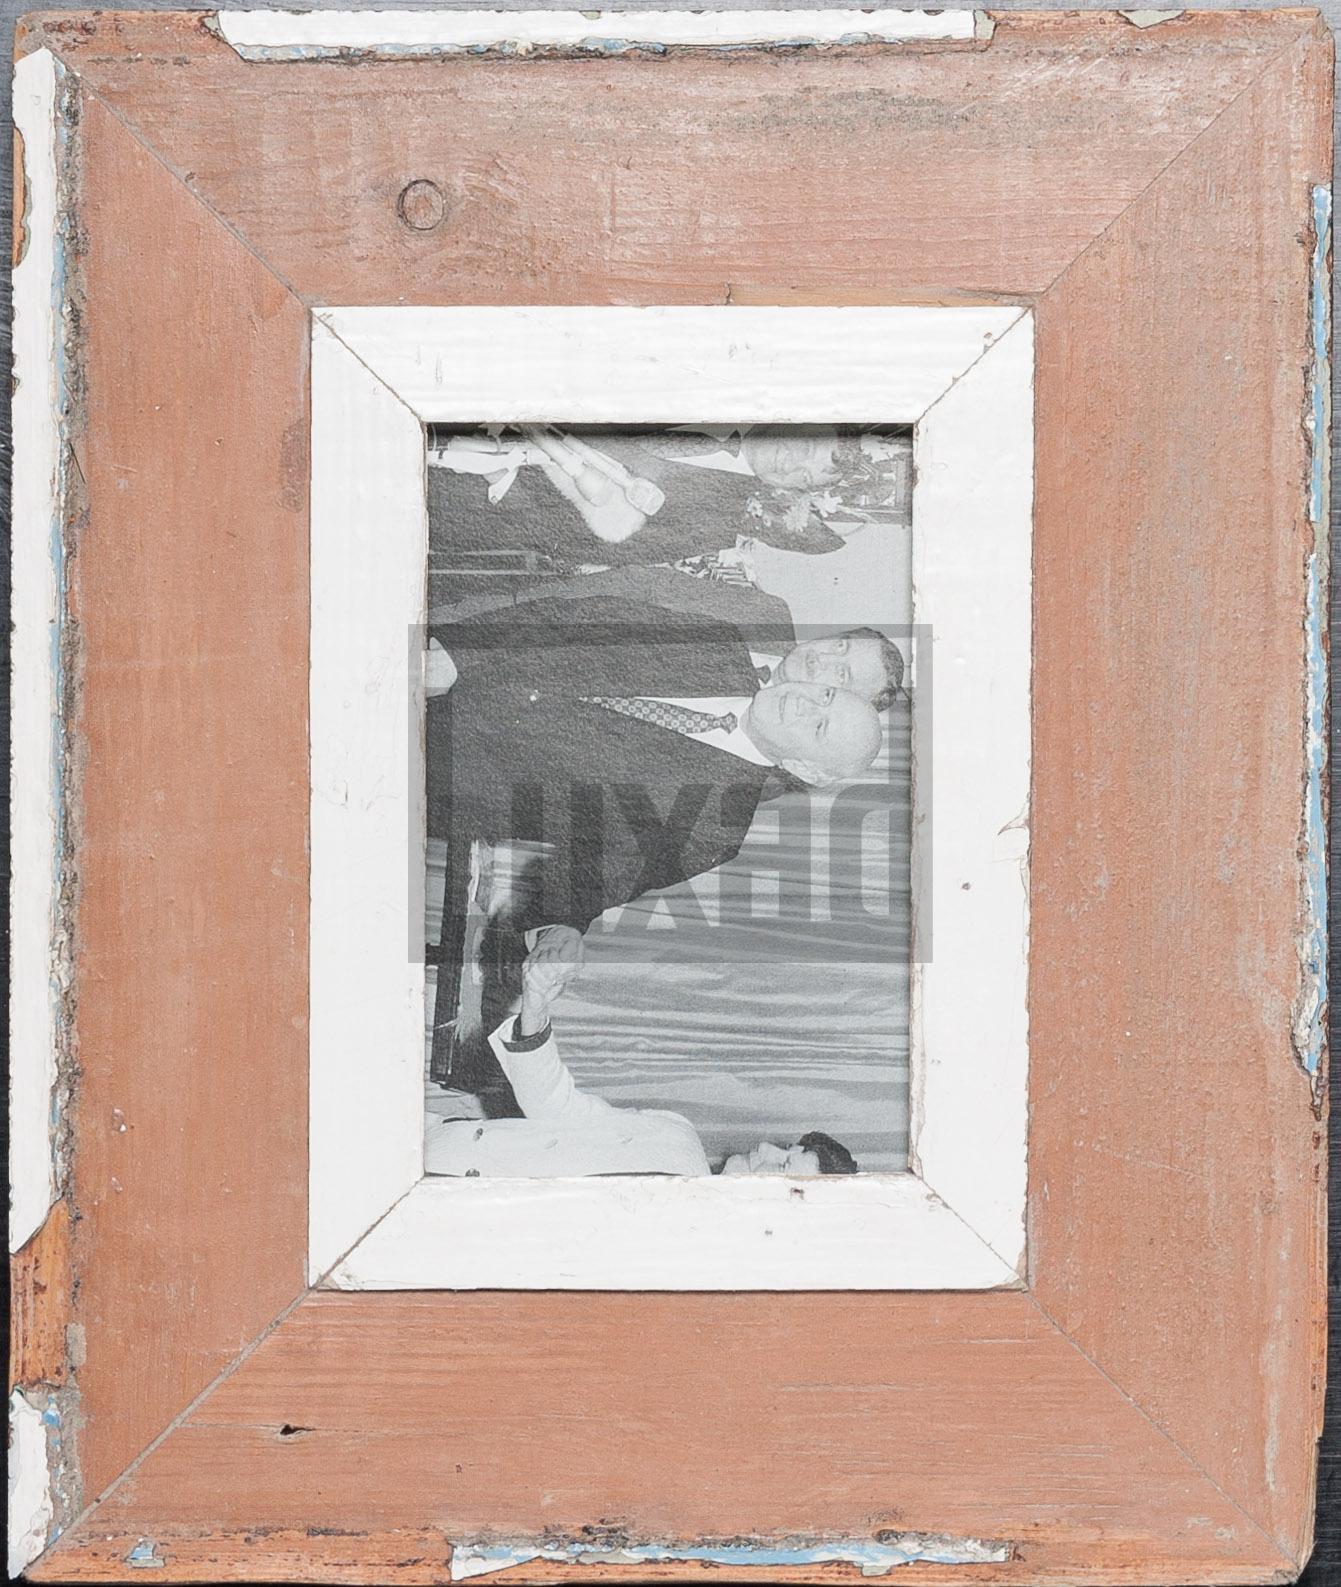 Holzrahmen für ca. 10,5 x 14,8 cm